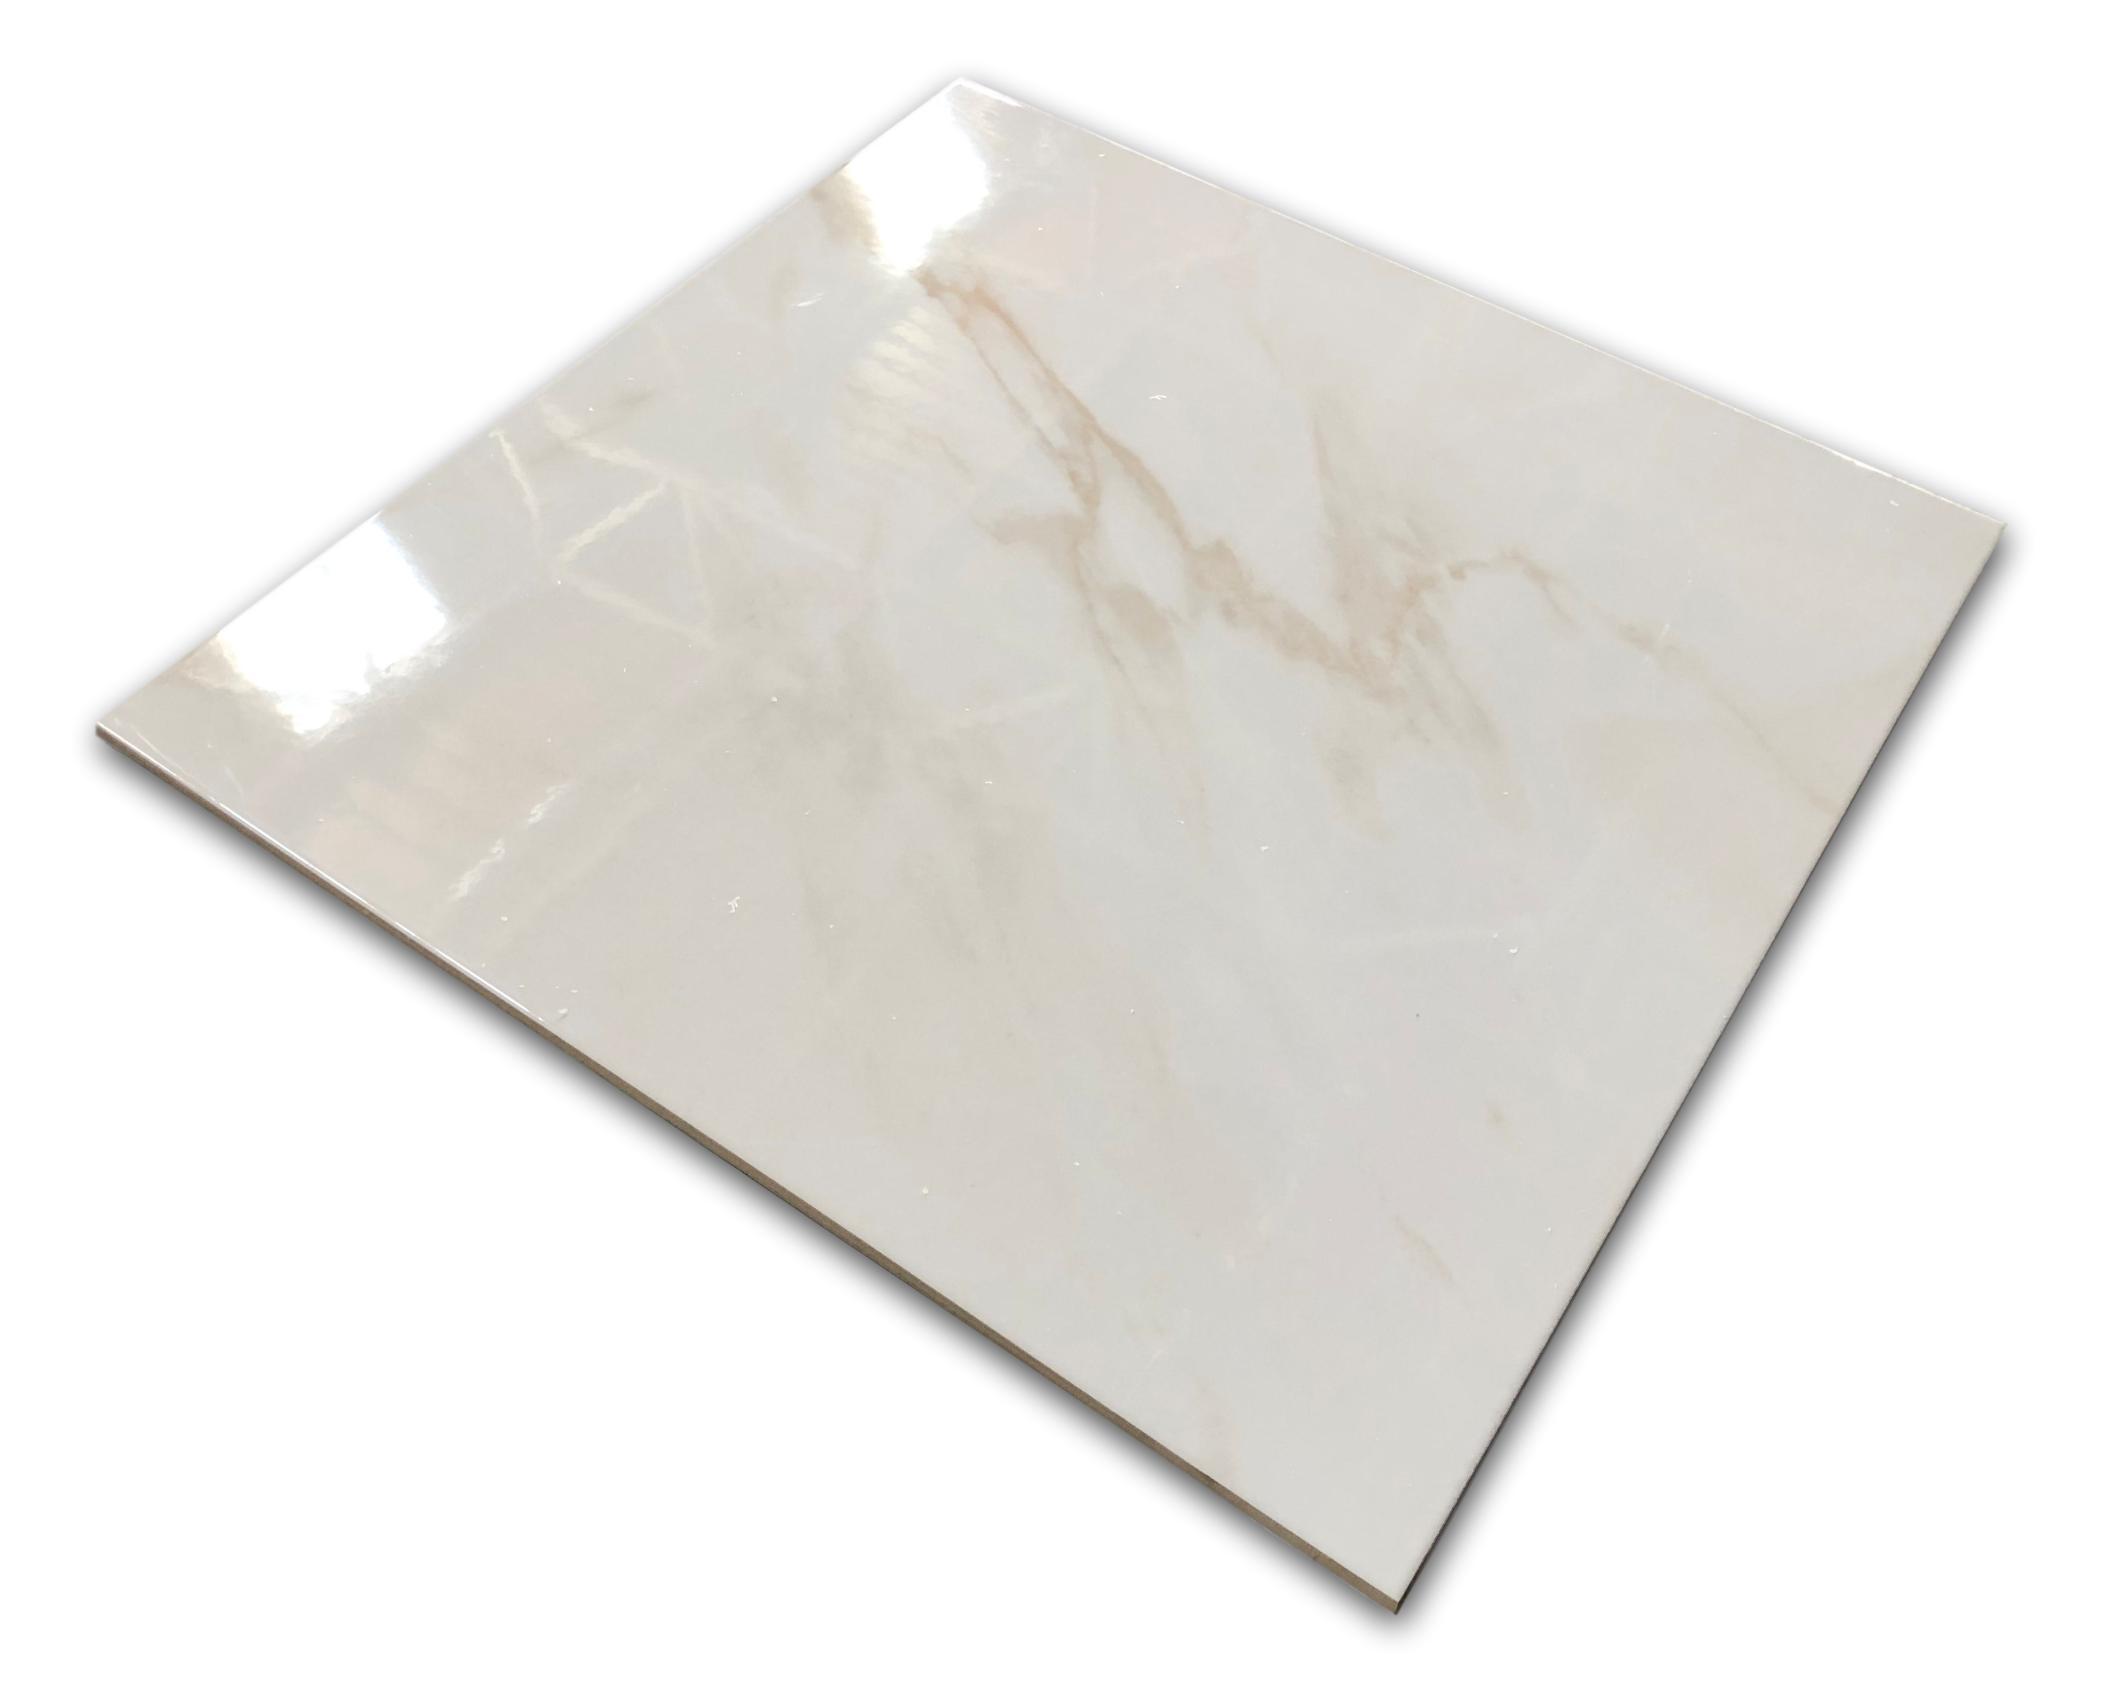 kafle gresowe w połysku 60x60 Calacatta Blanco geotiles